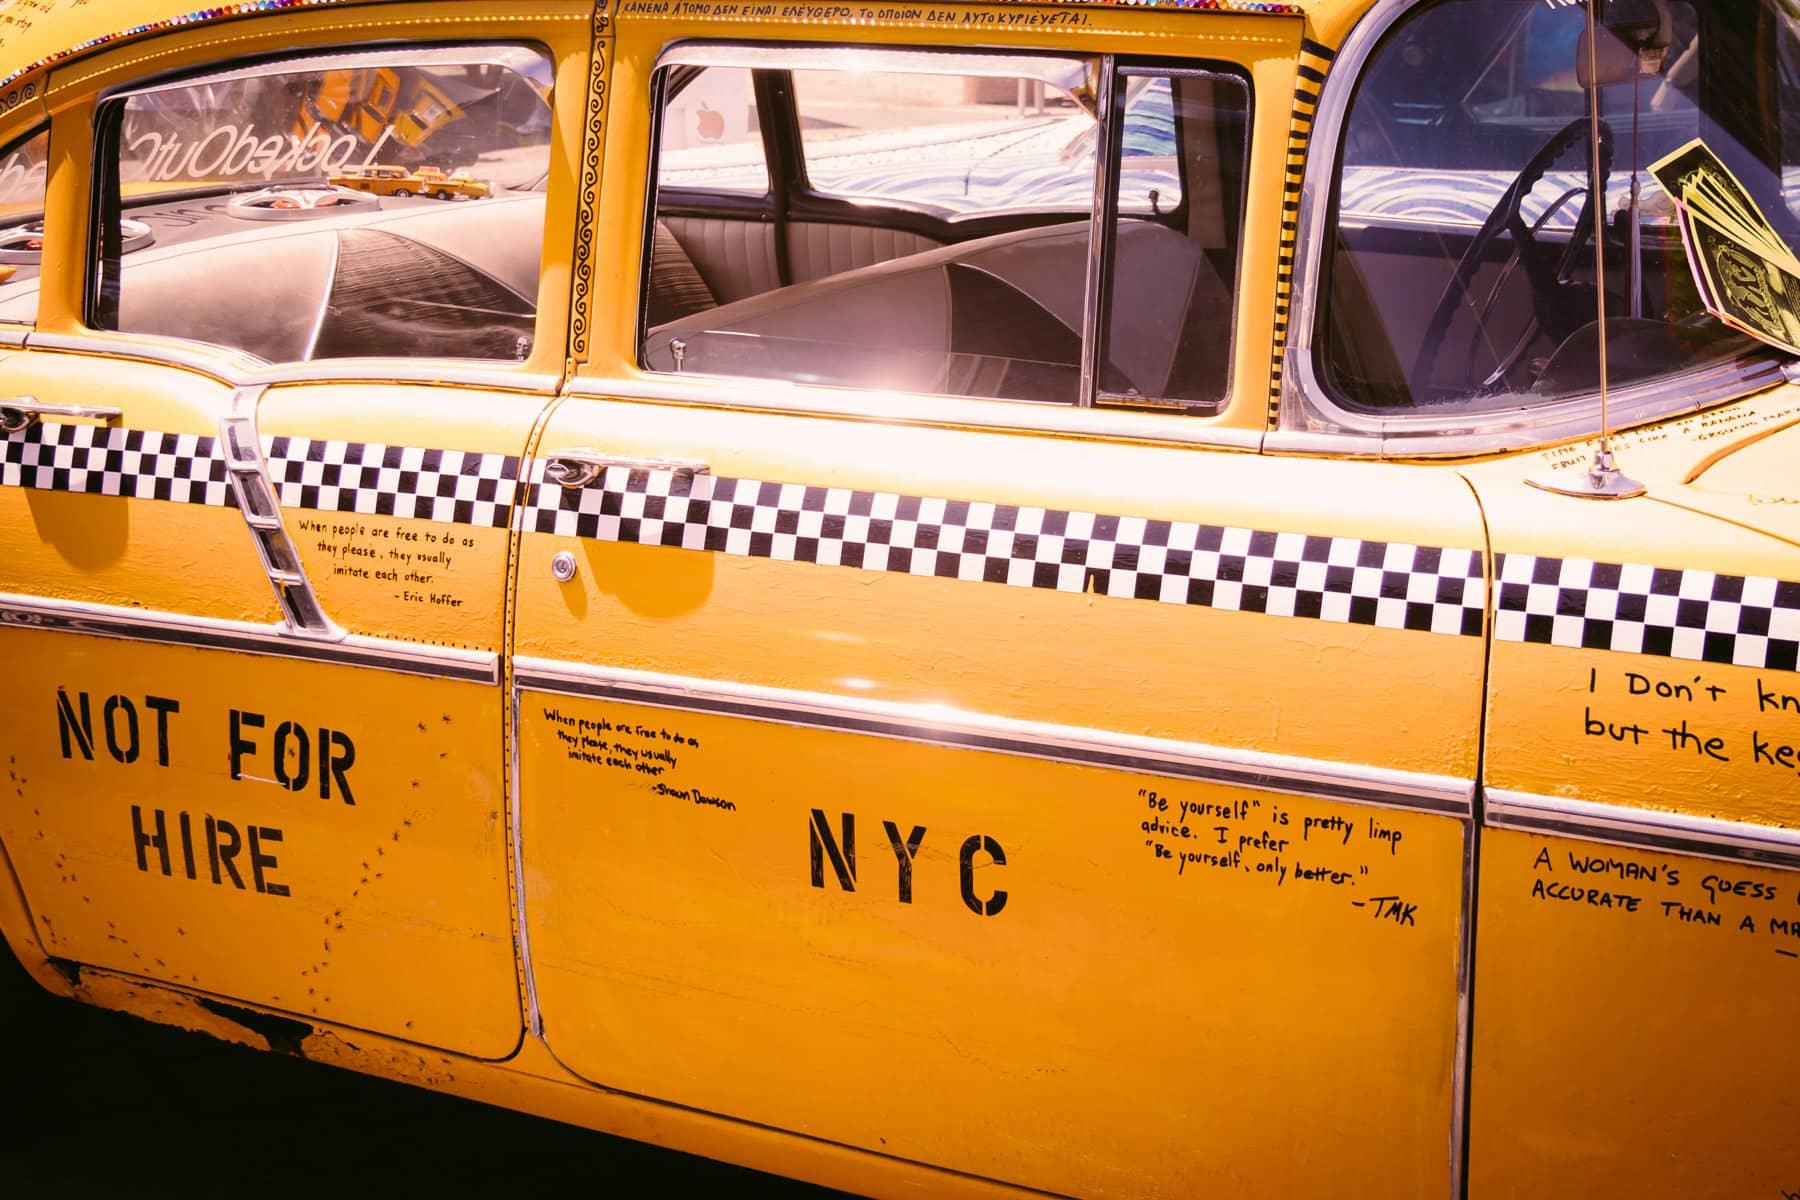 A Checker Cab at the Dallas City Arts Festival.